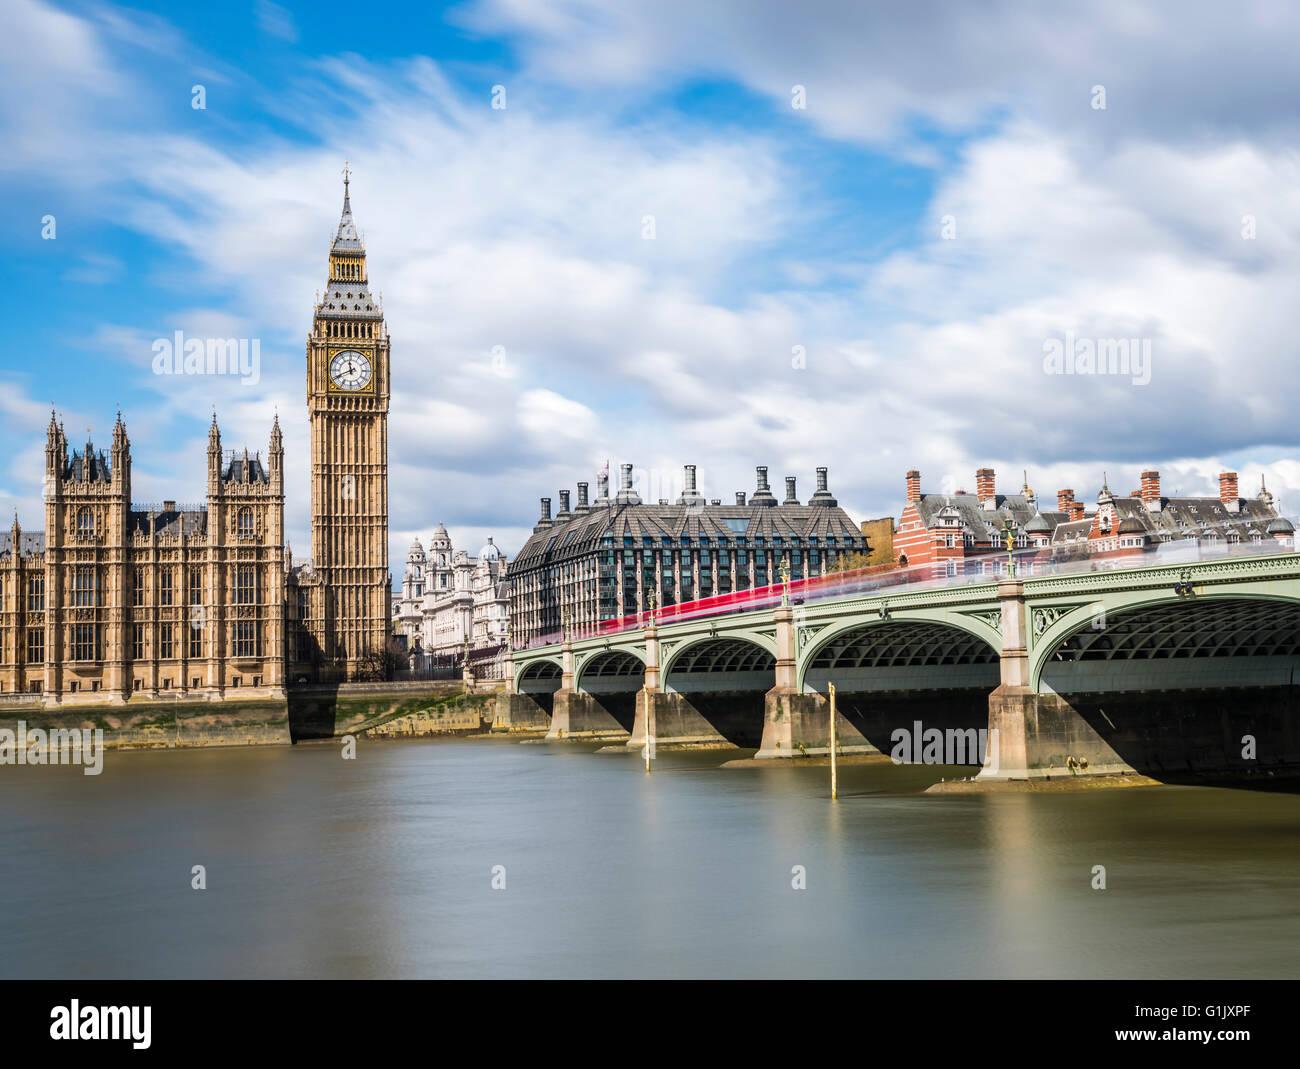 Une longue exposition de red bus sur le pont de Westminster, Londres, Royaume-Uni. Photo Stock